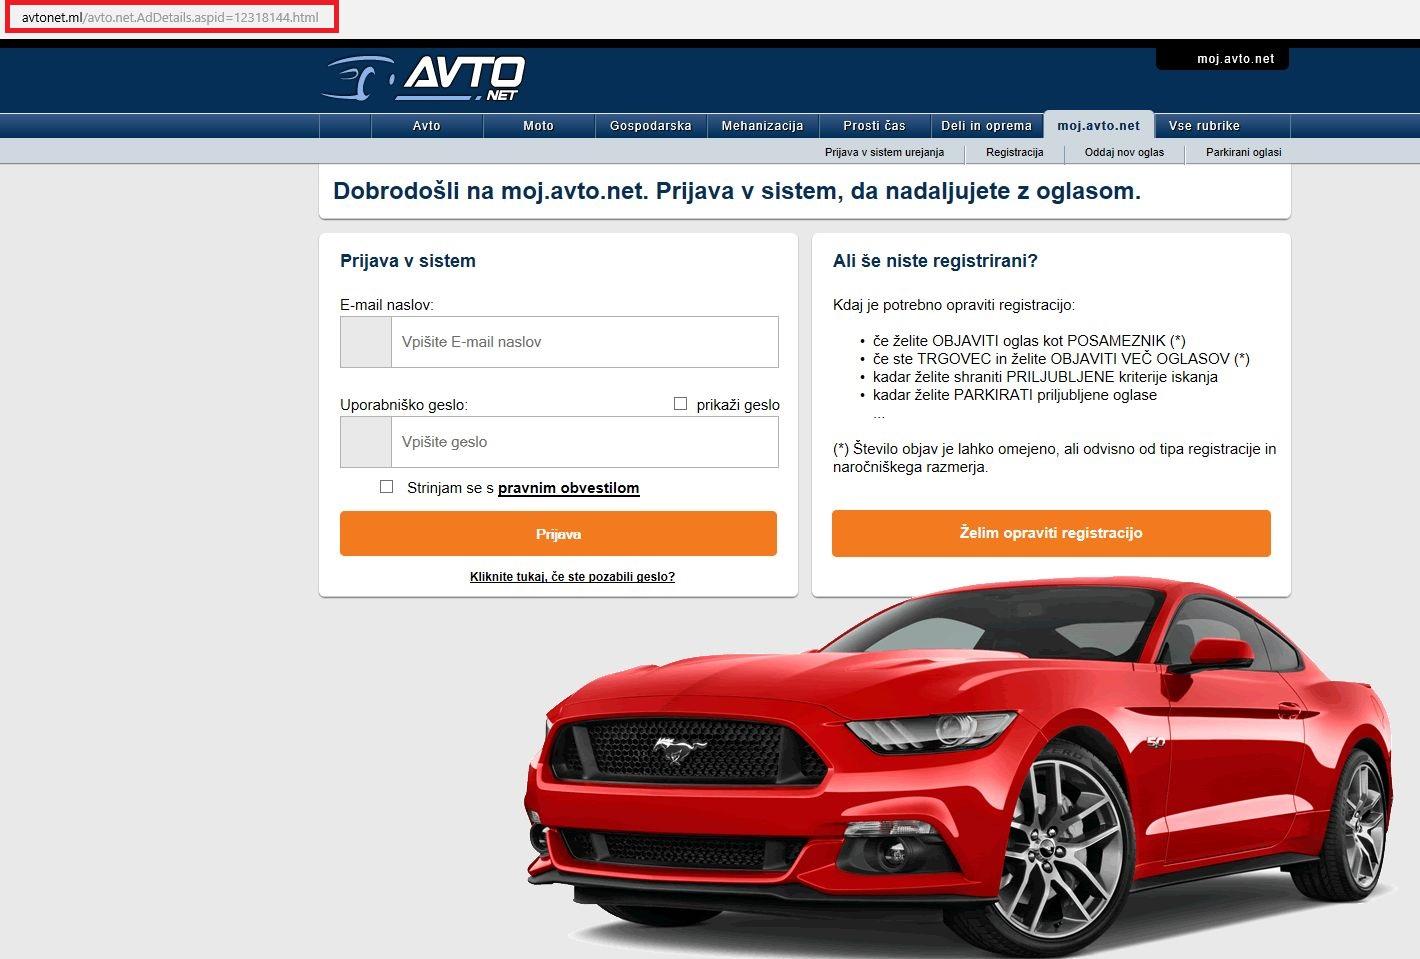 Spletna stran, kjer so goljufi poskušali ukrasti gesla uporabnikov